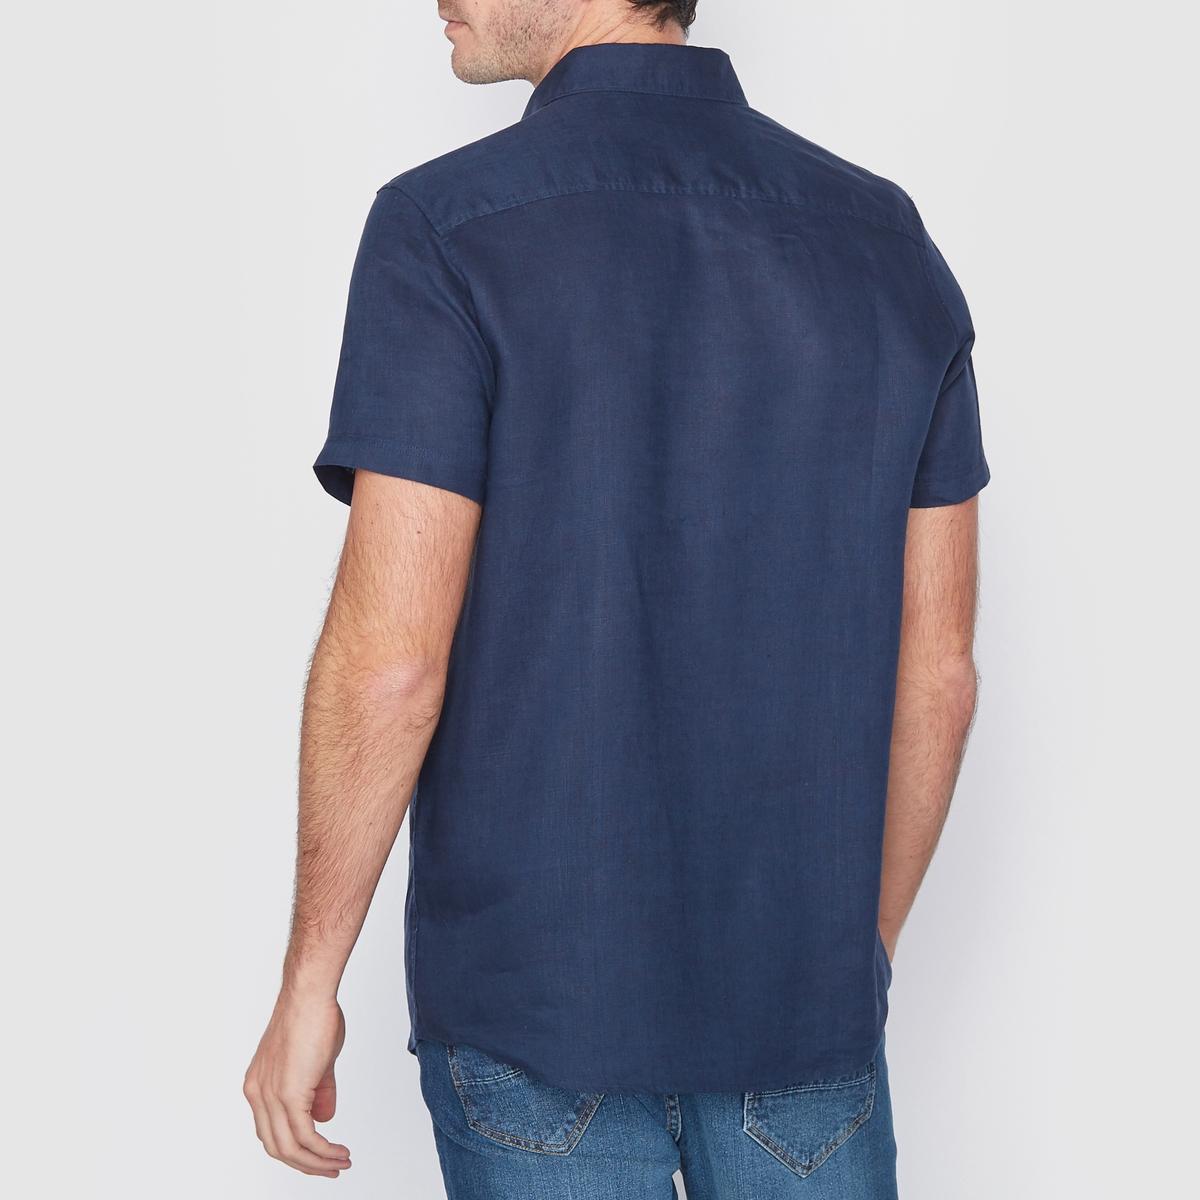 Рубашка прямого покроя 100% ленРубашка, 100% лен. Стандартный (прямой) покрой. Воротник со свободными уголками. Короткие рукава. Длина 77 см.<br><br>Цвет: белый,голубой меланж,песочный,серо-коричневый,темно-синий,черный<br>Размер: 39/40.39/40.35/36.43/44.35/36.37/38.39/40.43/44.47/48.35/36.37/38.47/48.37/38.35/36.37/38.39/40